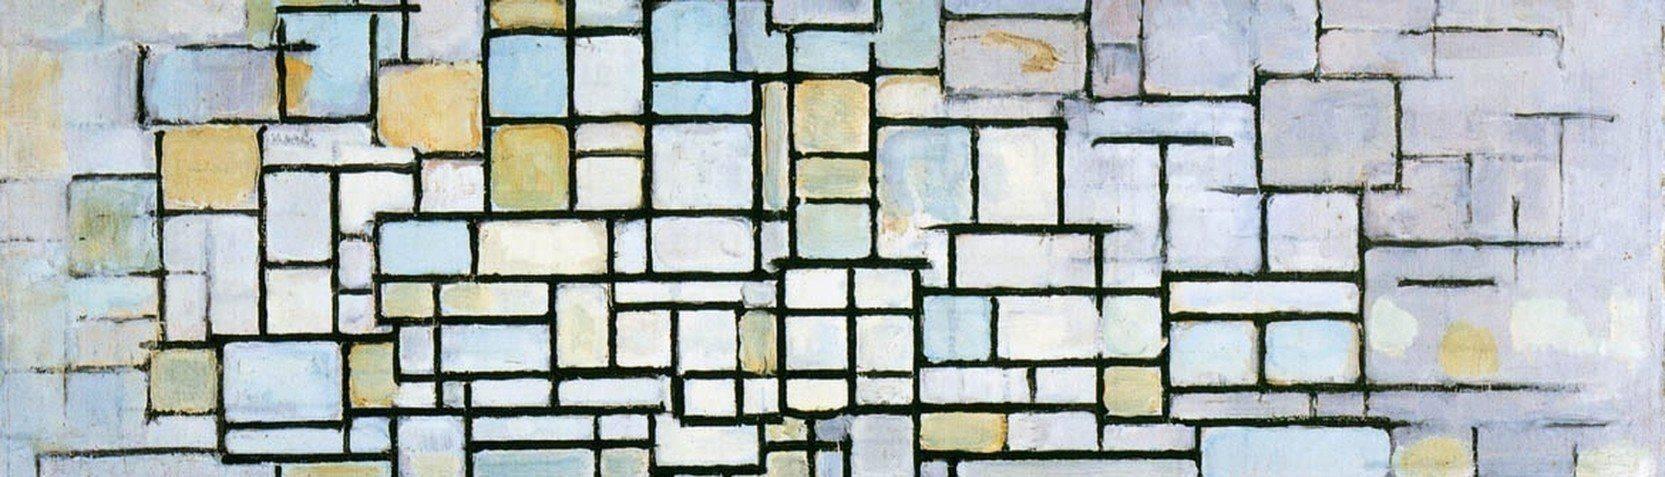 Artists - Piet Mondrian